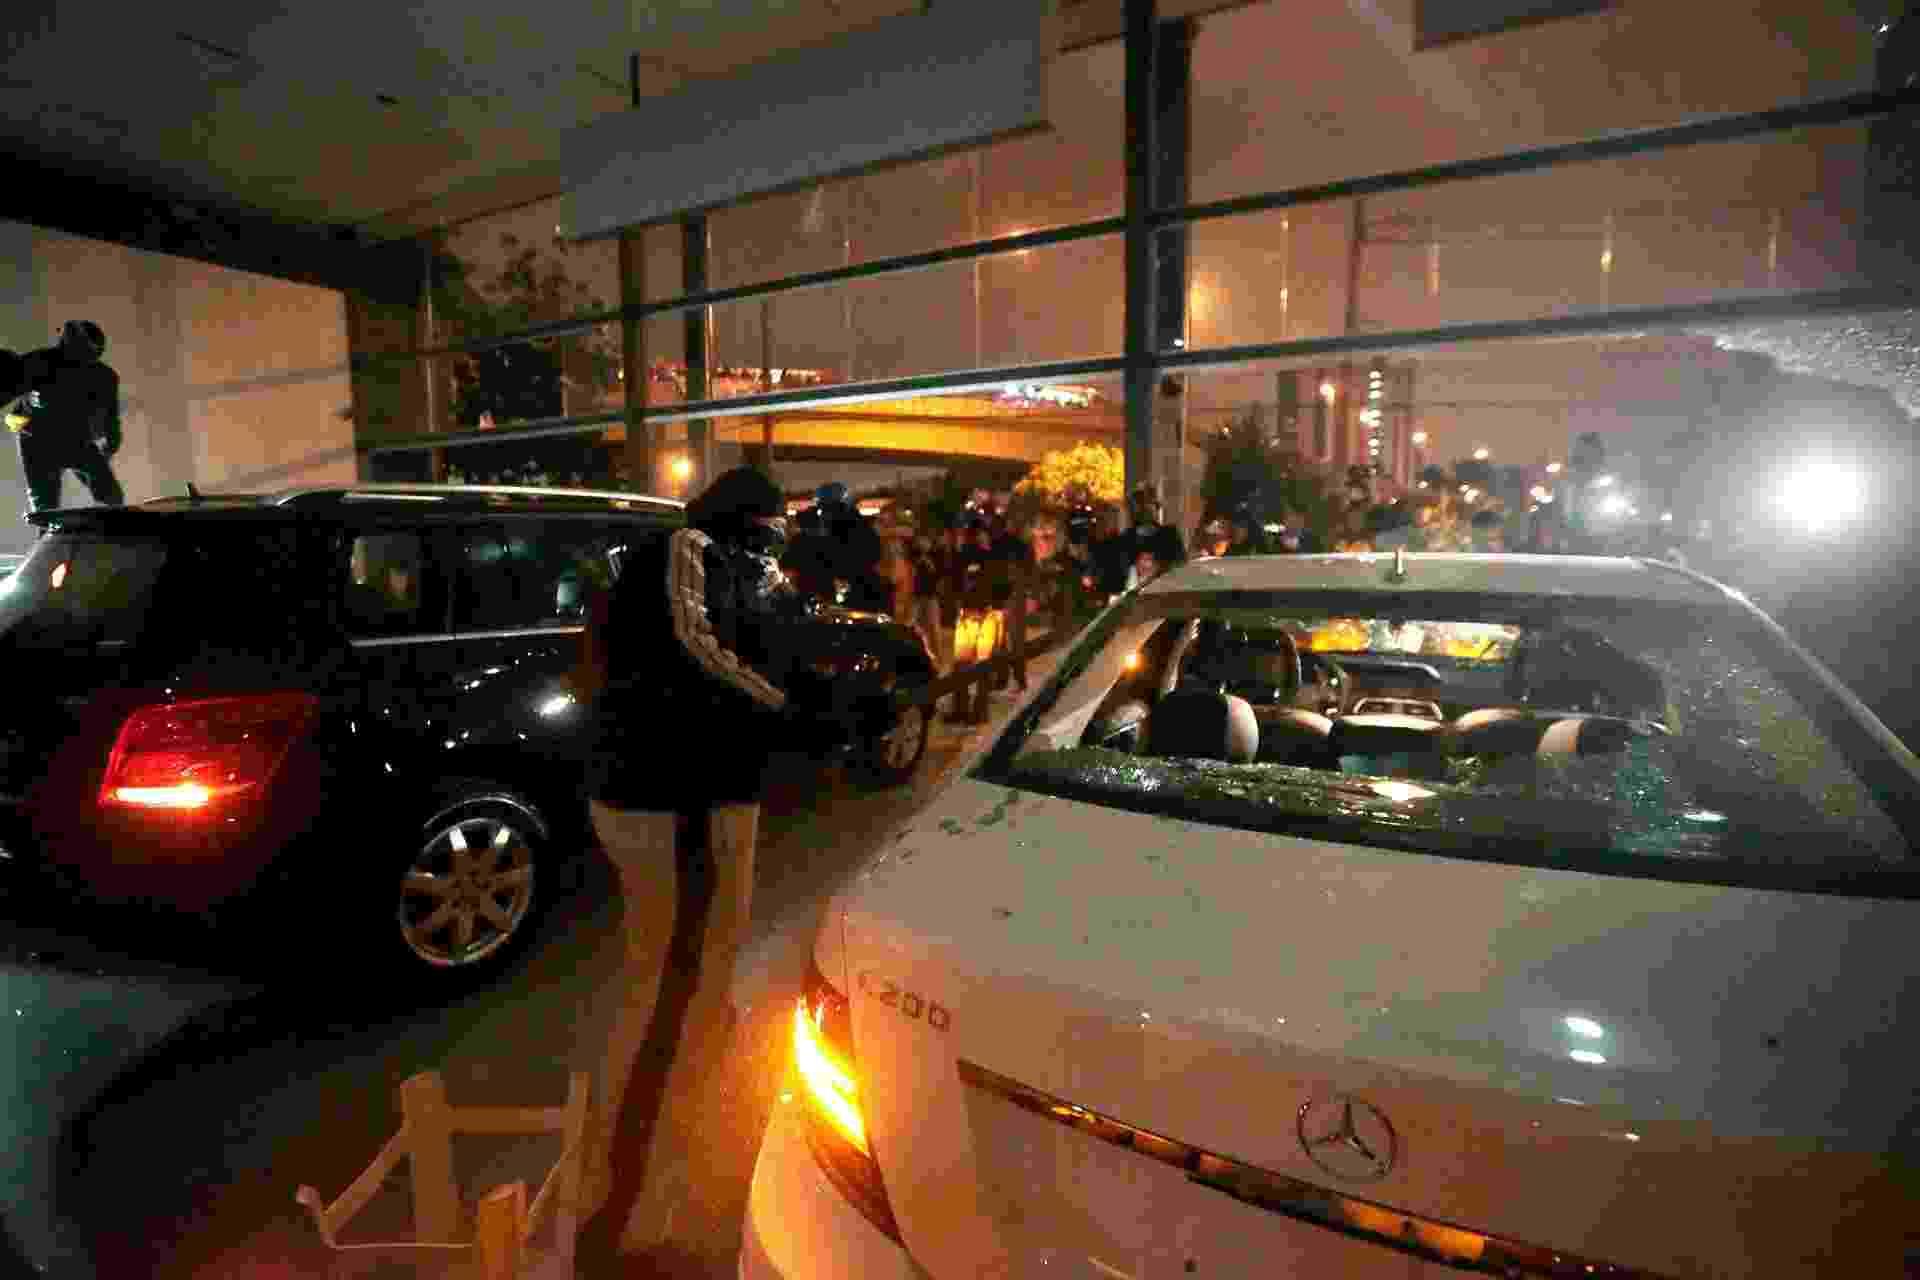 19.jun.2014 - Concessionária de veículos da Mercedes-Benz, localizada na Marginal Pinheiros, zona oeste de São Paulo, foi depredada por um grupo de mascarados que participavam do ato organizado pelo MPL (Movimento Passe Livre) - Fabio Braga/Folhapress